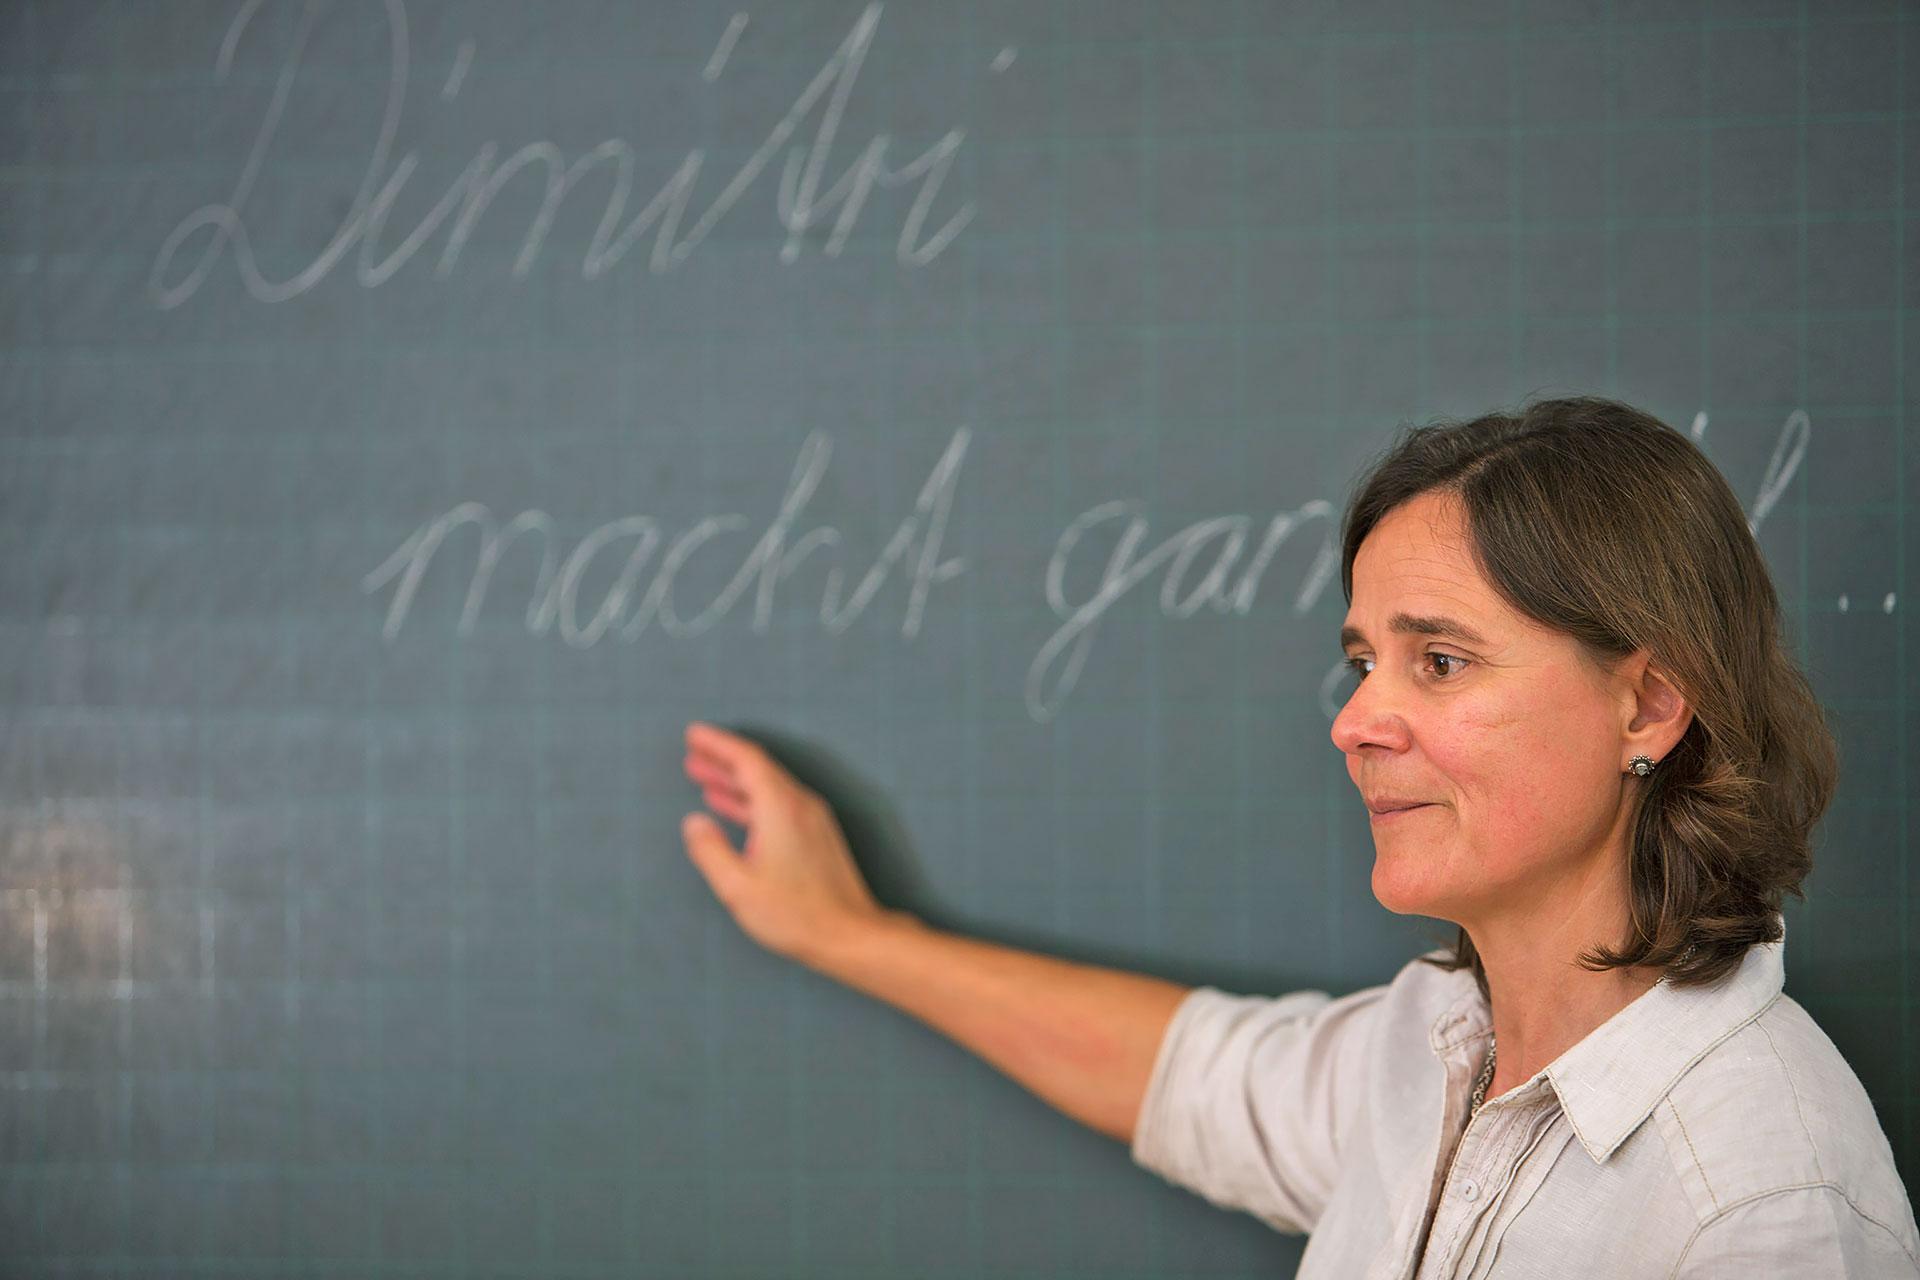 Lehrerin an der Wandtafel